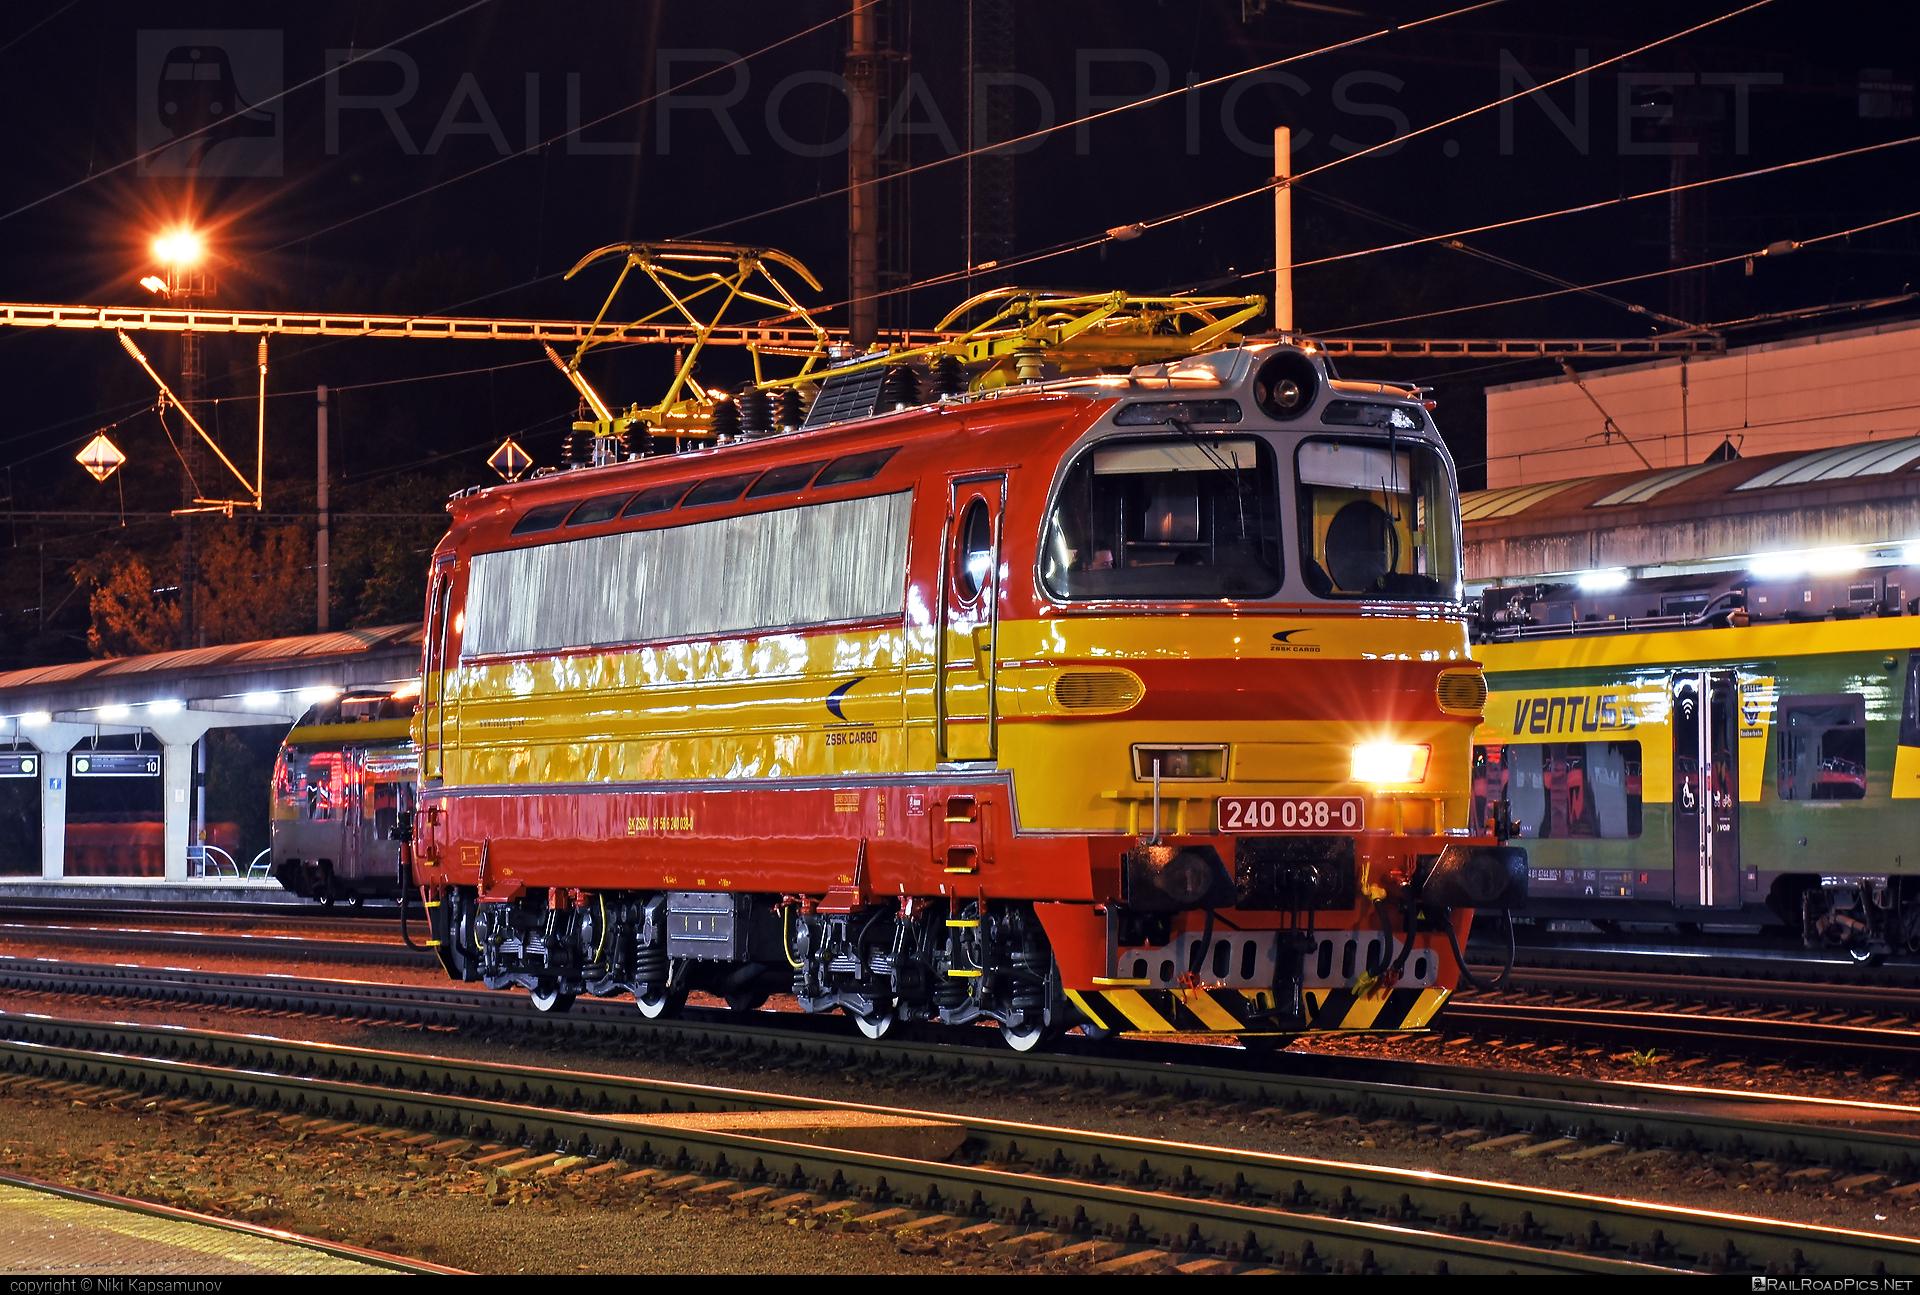 Škoda 47E - 240 038-0 operated by Železničná Spoločnost' Cargo Slovakia a.s. #ZeleznicnaSpolocnostCargoSlovakia #ZeleznicnaSpolocnostSlovensko #laminatka #locomotive240 #skoda #skoda47e #zssk #zsskcargo